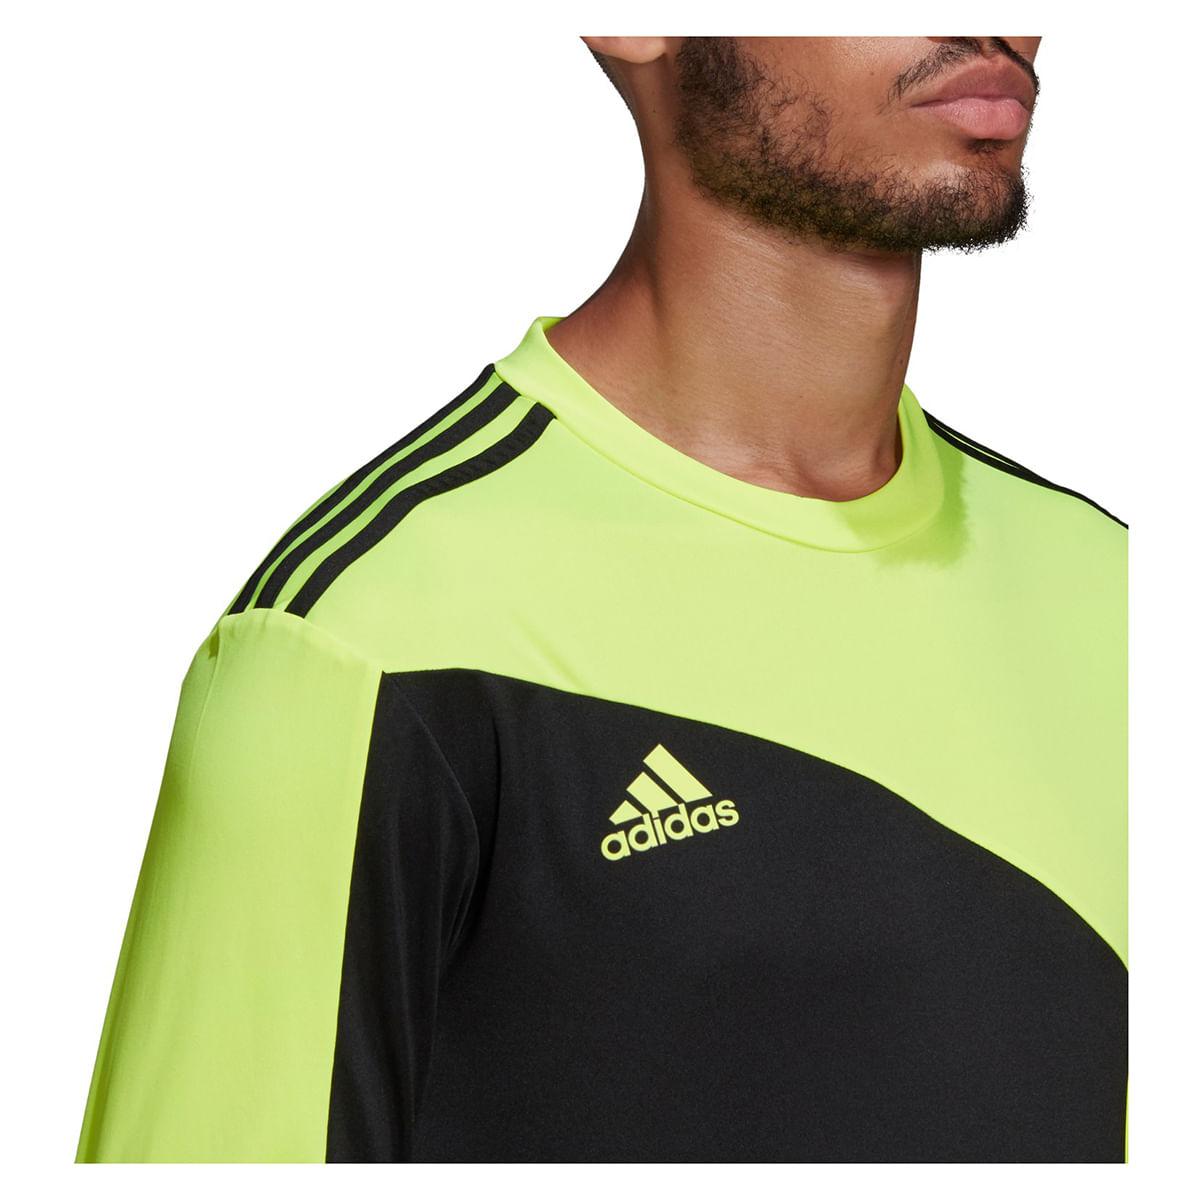 adidas Squadra 21 Goalkeeper Jersey - Men's - Als.com